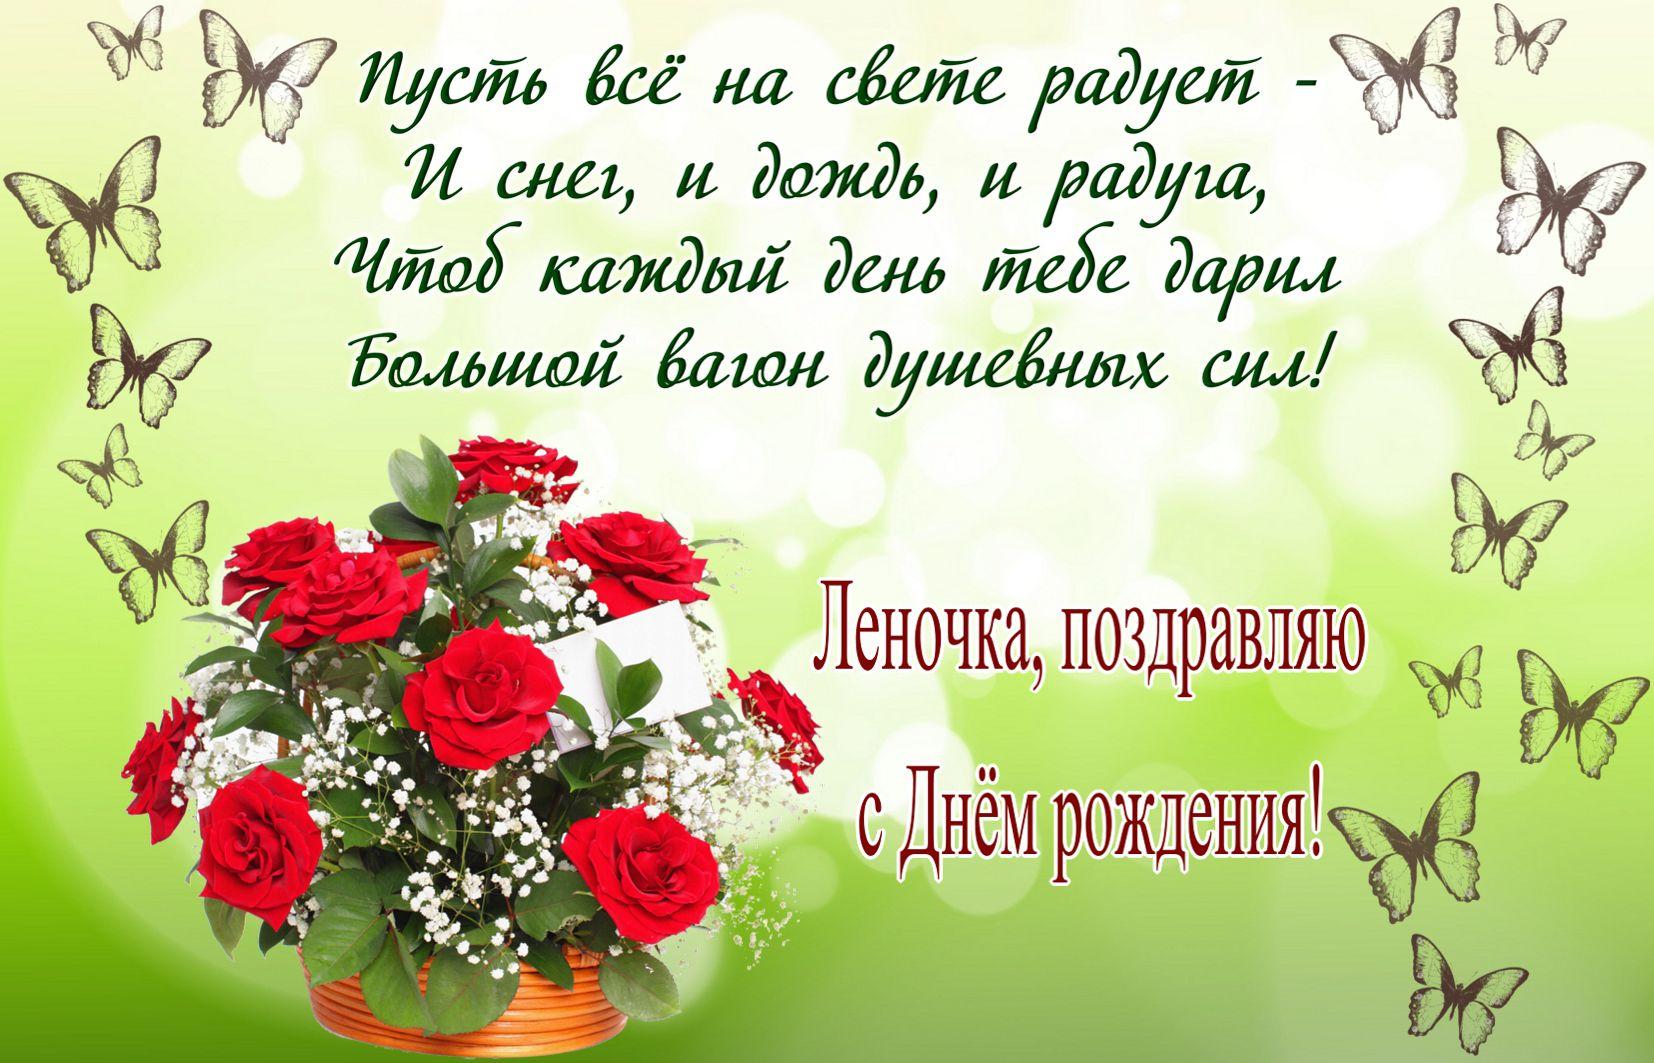 Поздравление с днем рождения женщине в стихах красивые картинки елена, летие свадьбы